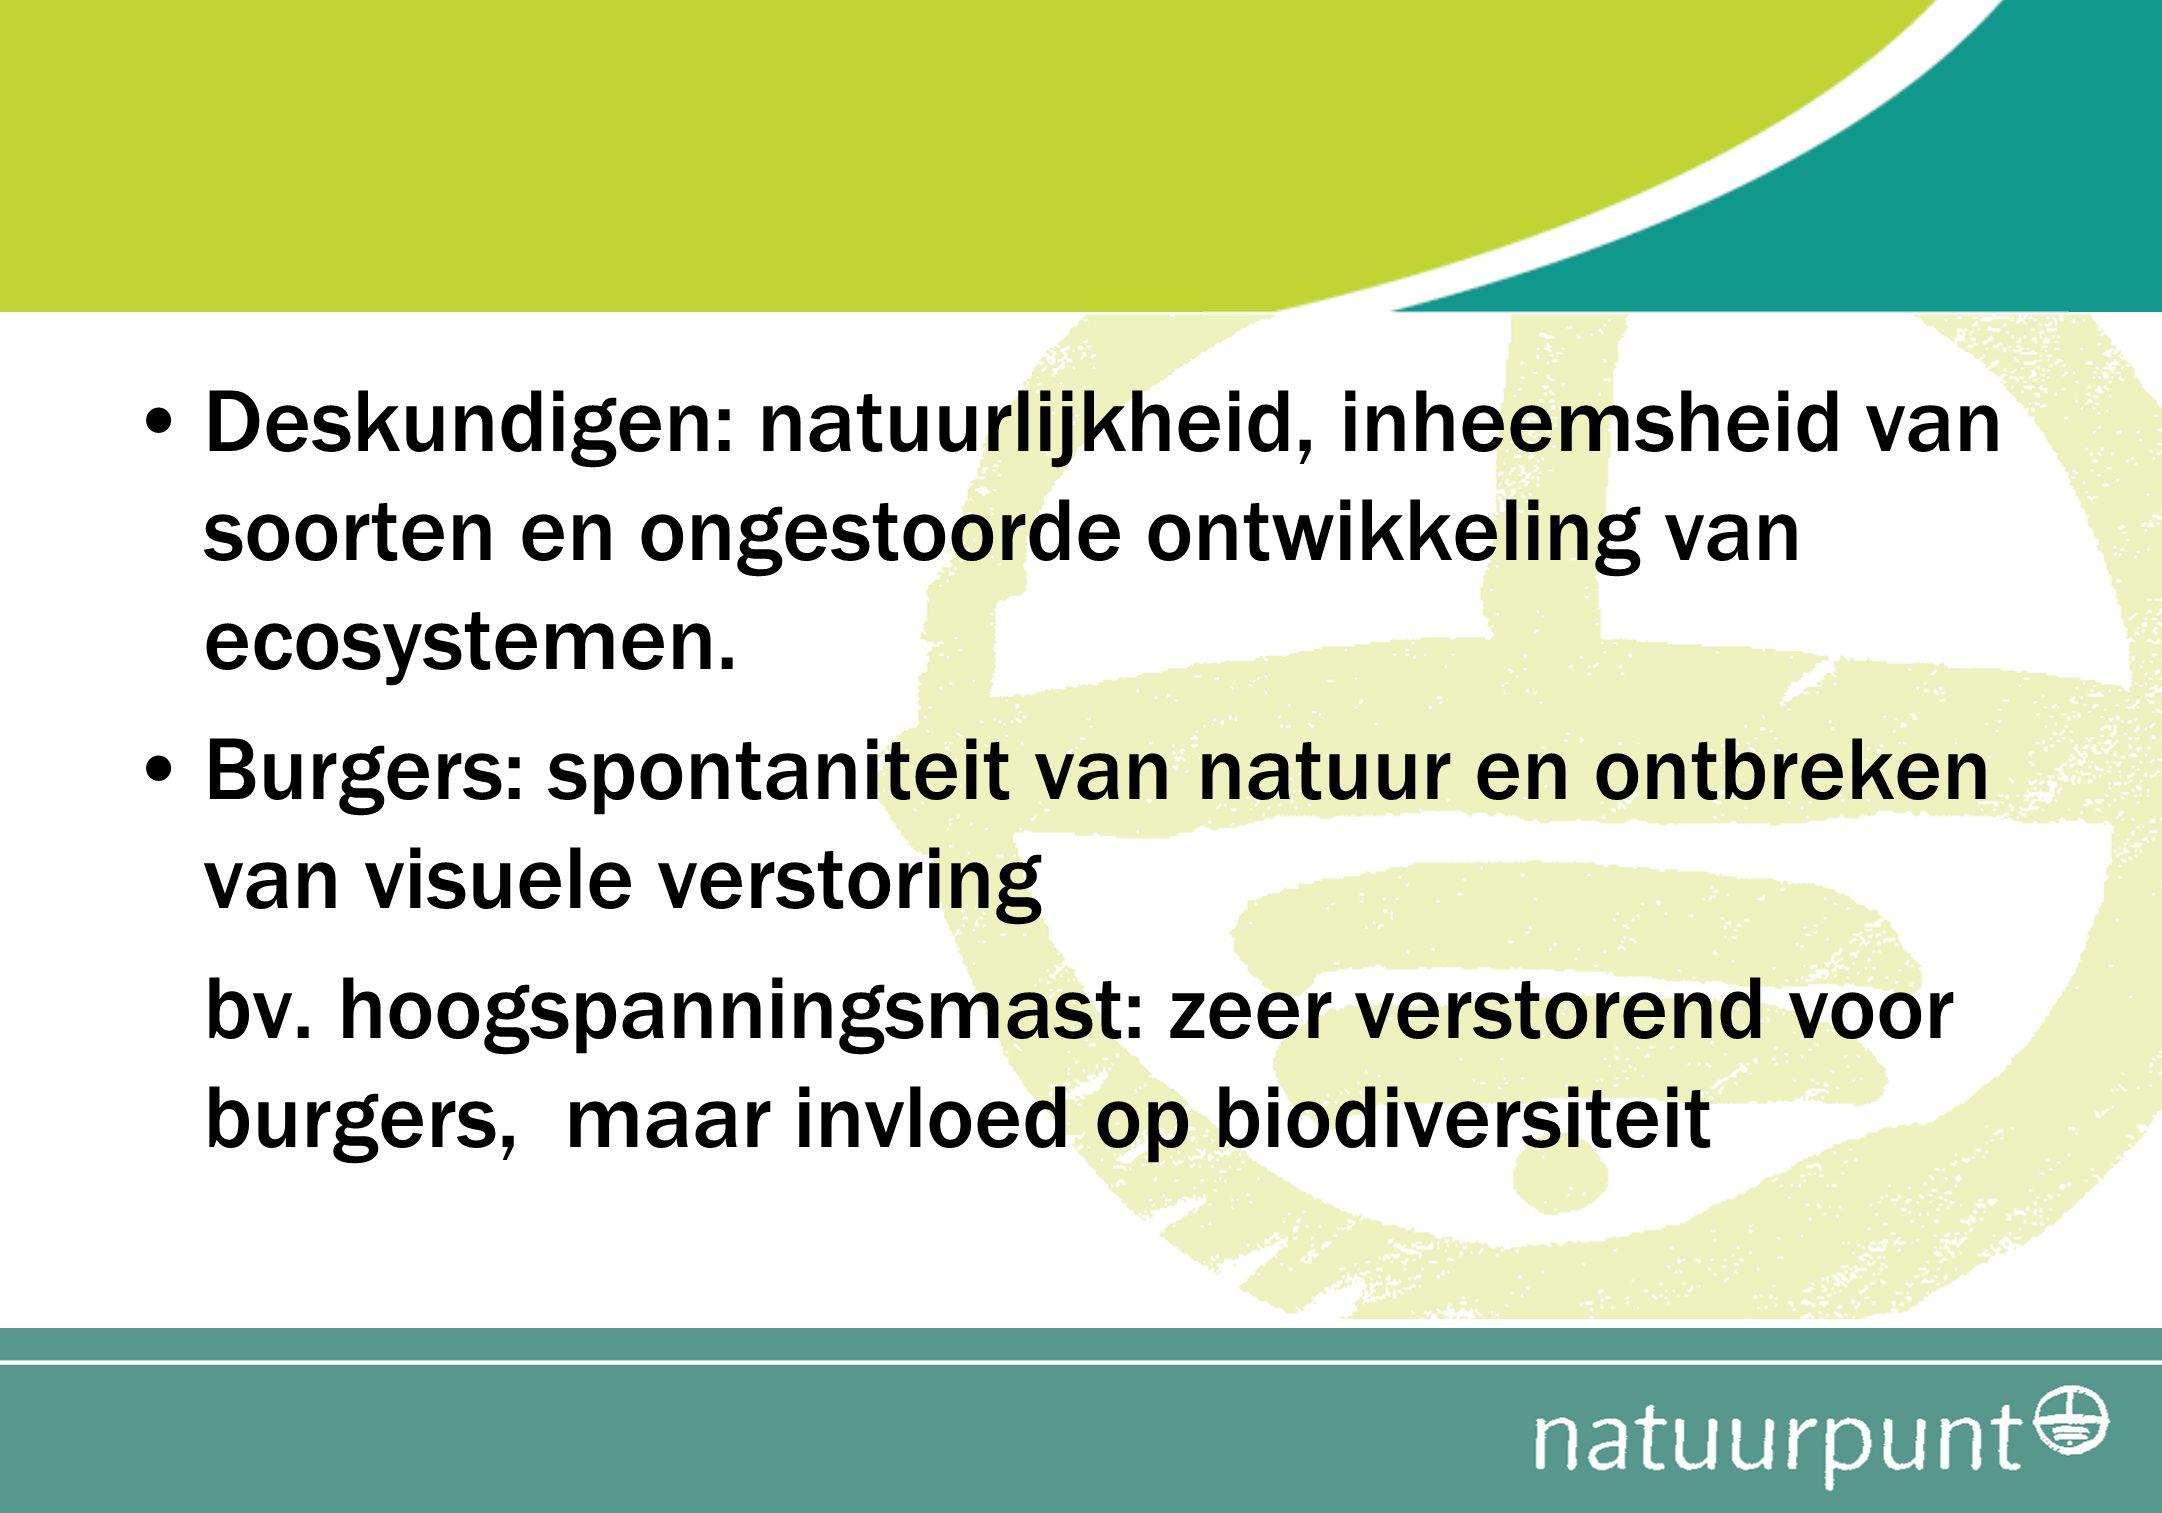 Deskundigen: natuurlijkheid, inheemsheid van soorten en ongestoorde ontwikkeling van ecosystemen.